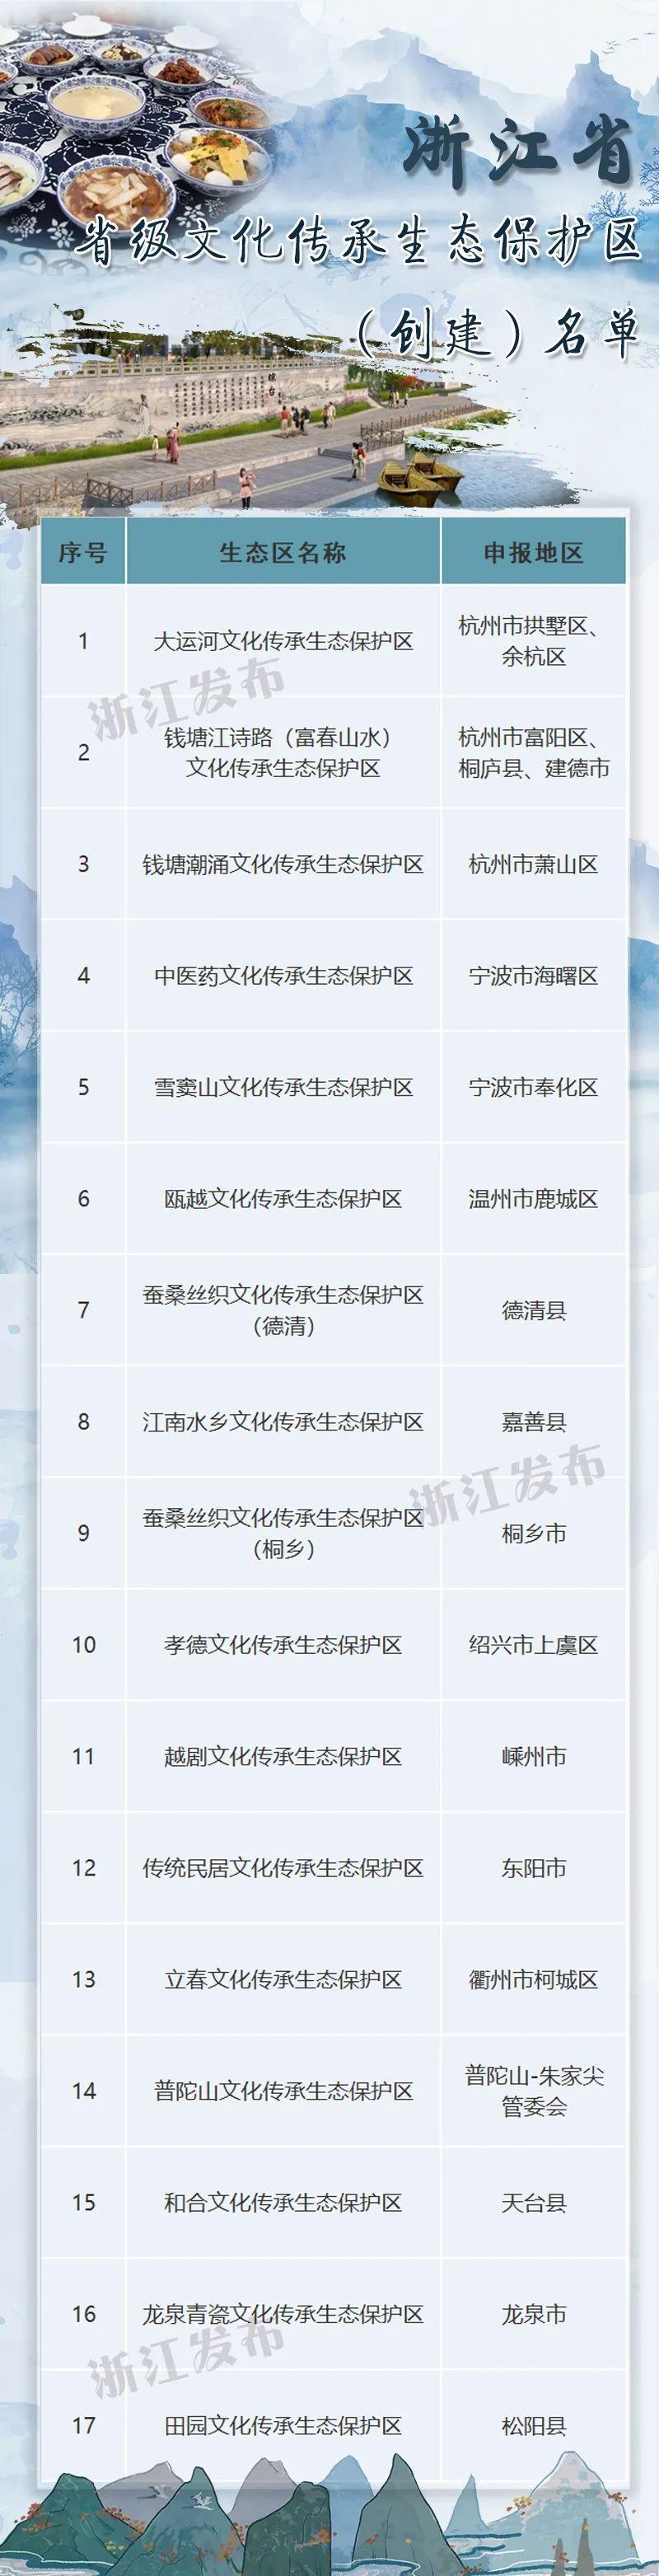 好消息!杭州三地入选省级文化传承生态保护区(创建)名单